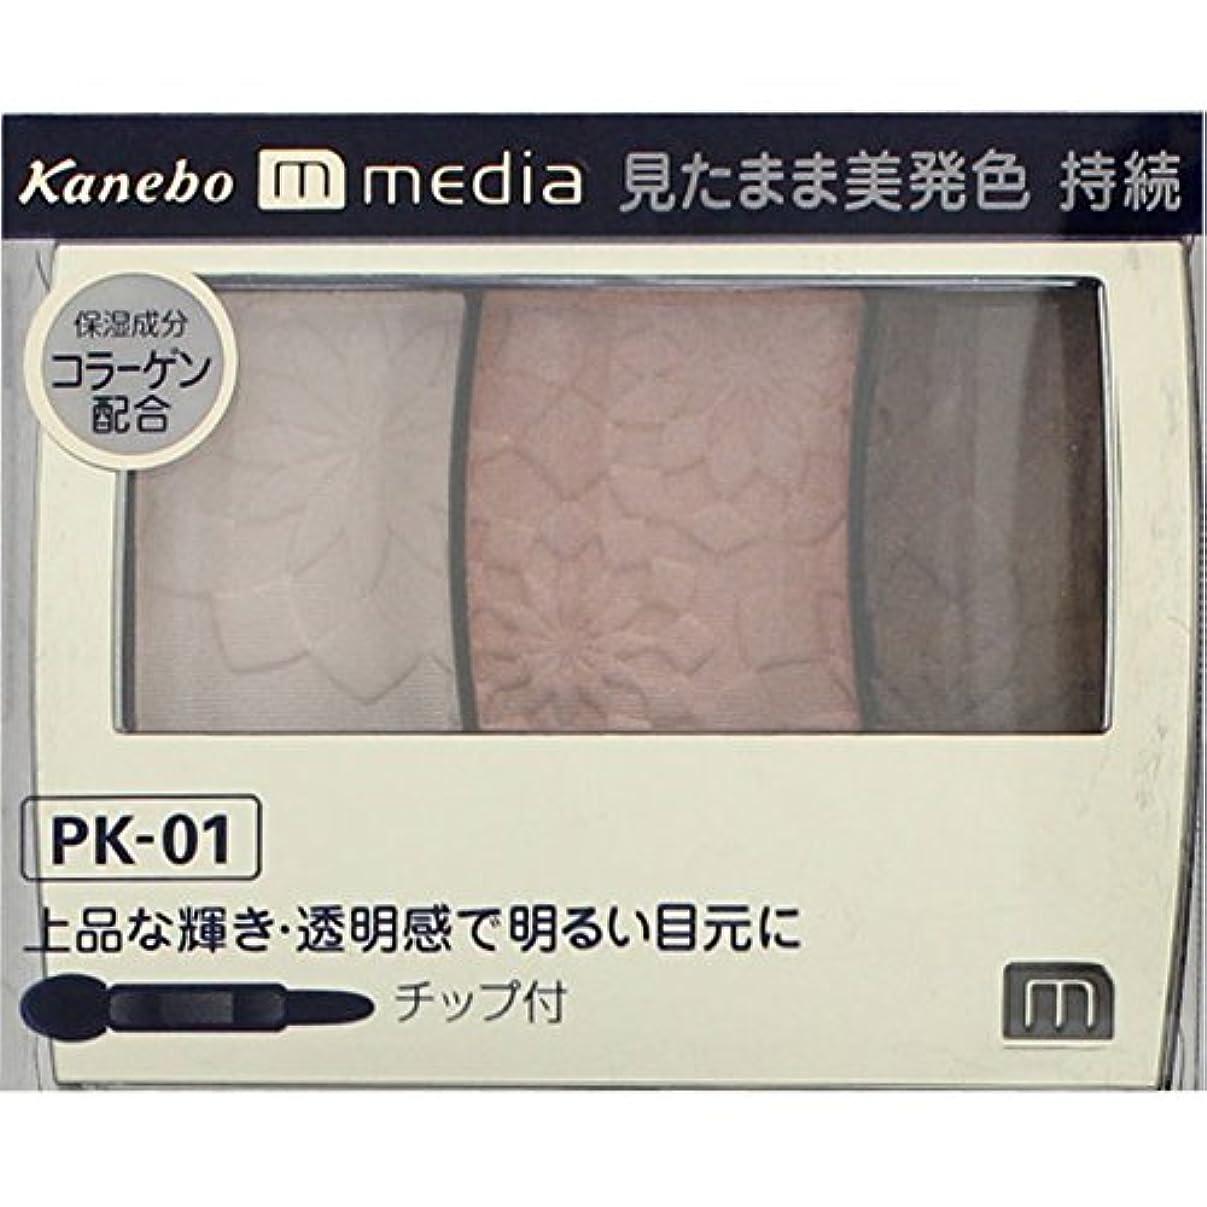 高尚な取り扱い野ウサギ【カネボウ】 メディア グラデカラーアイシャドウ PK-01